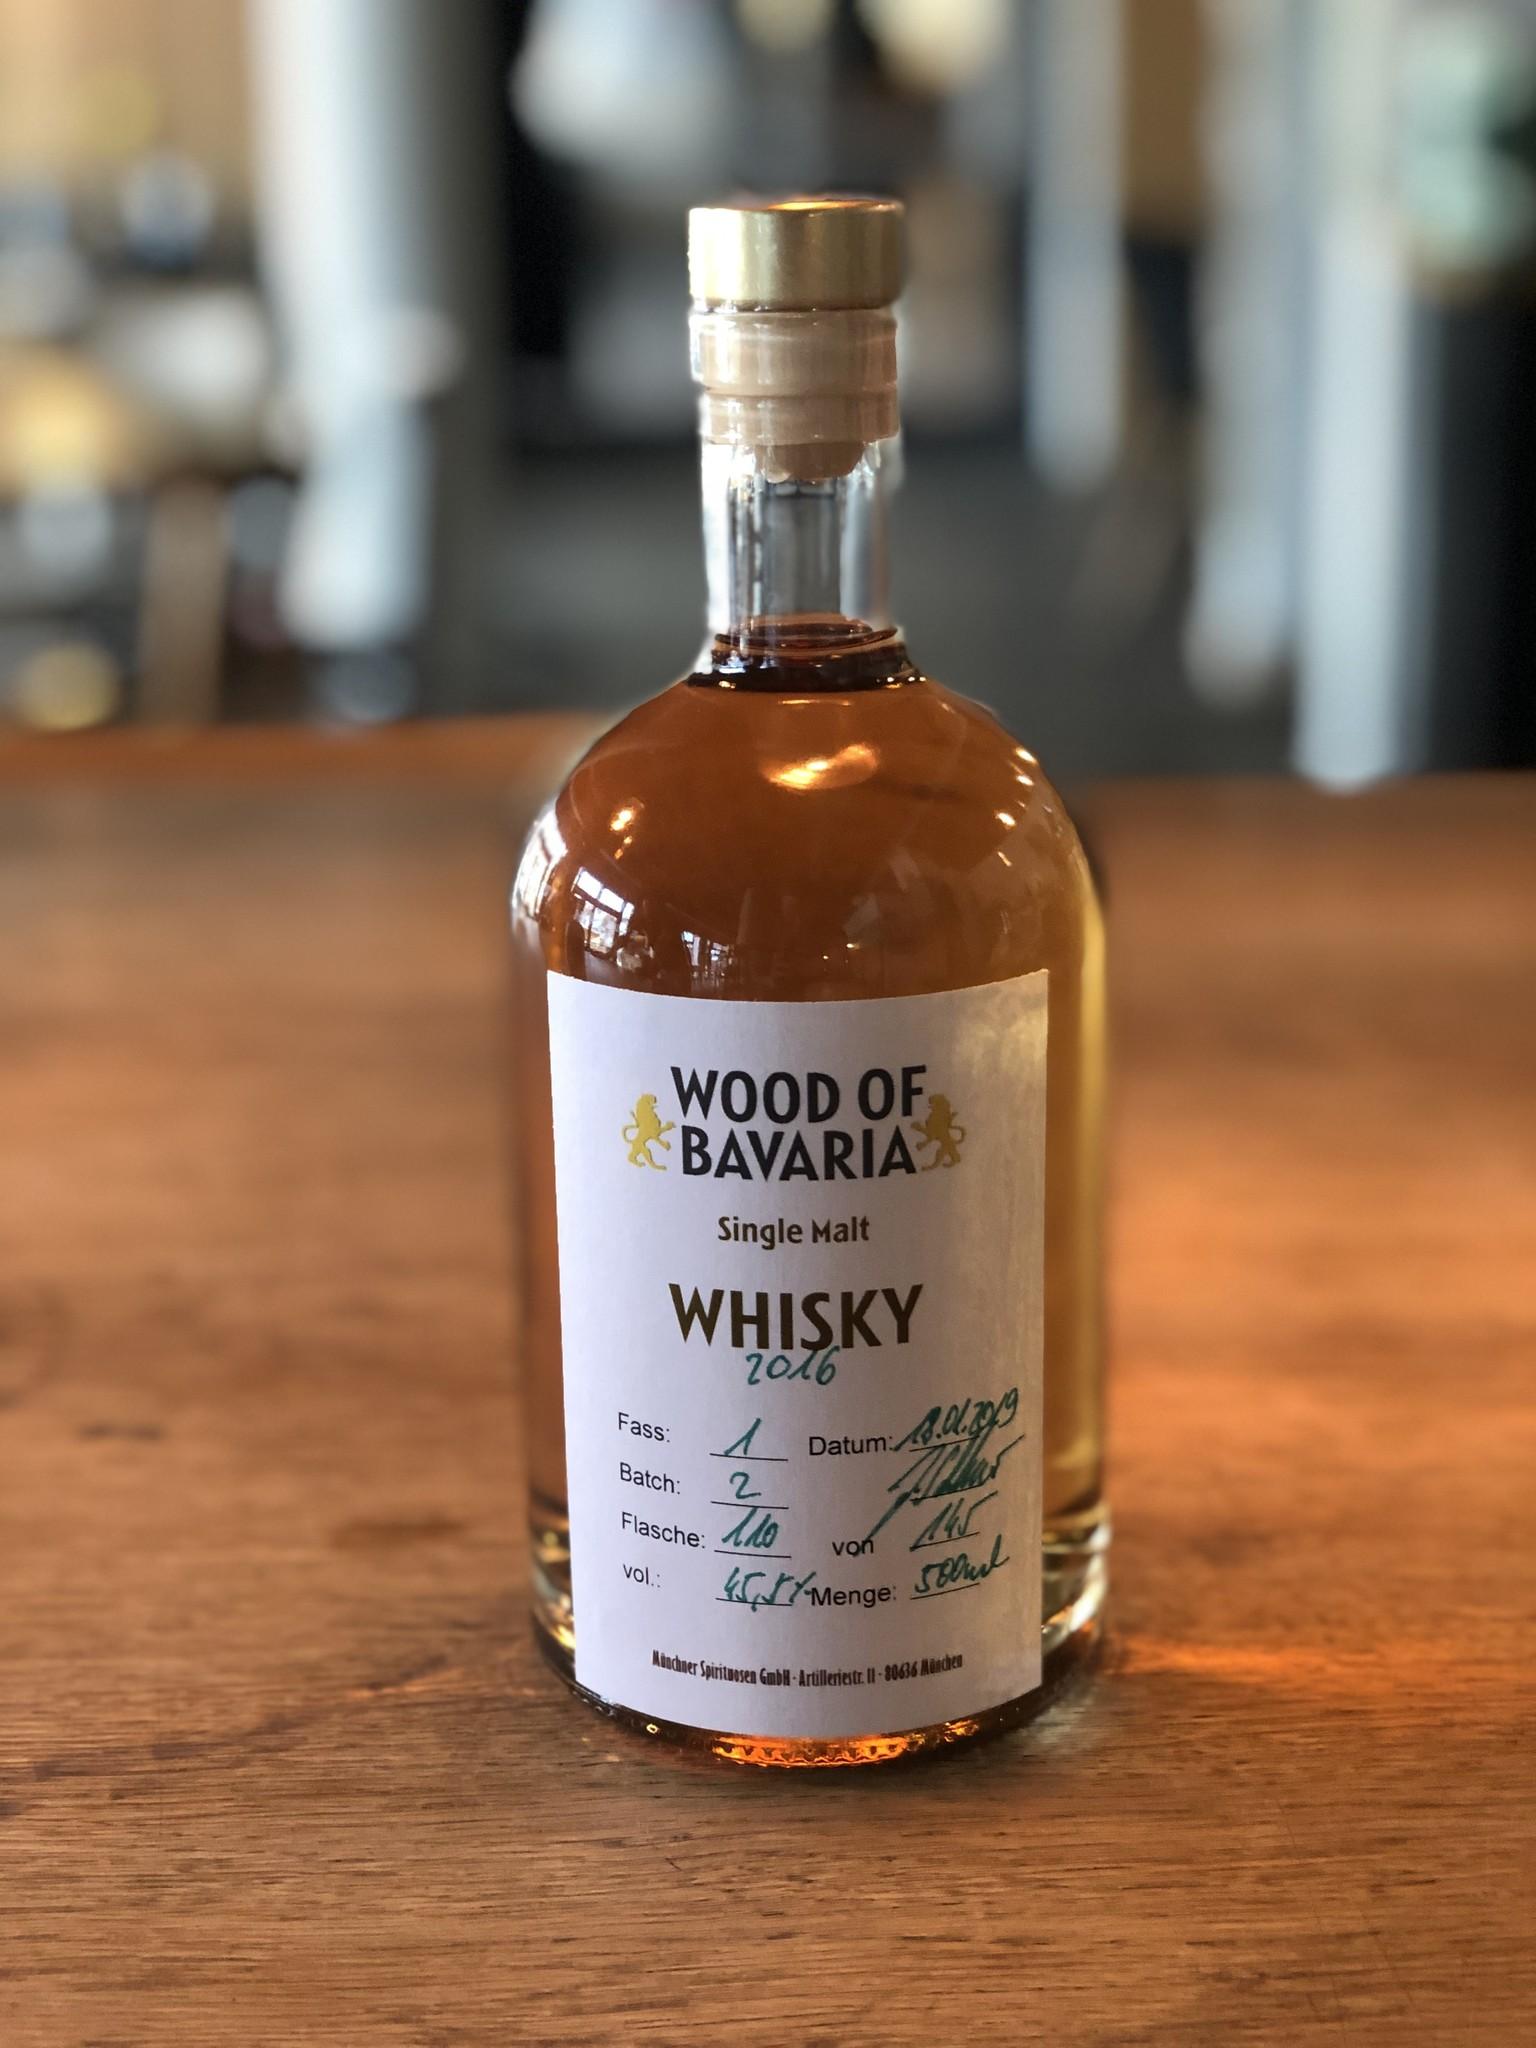 Wood of Bavaria - Whisky 3 Jähriger Single Malt Whisky